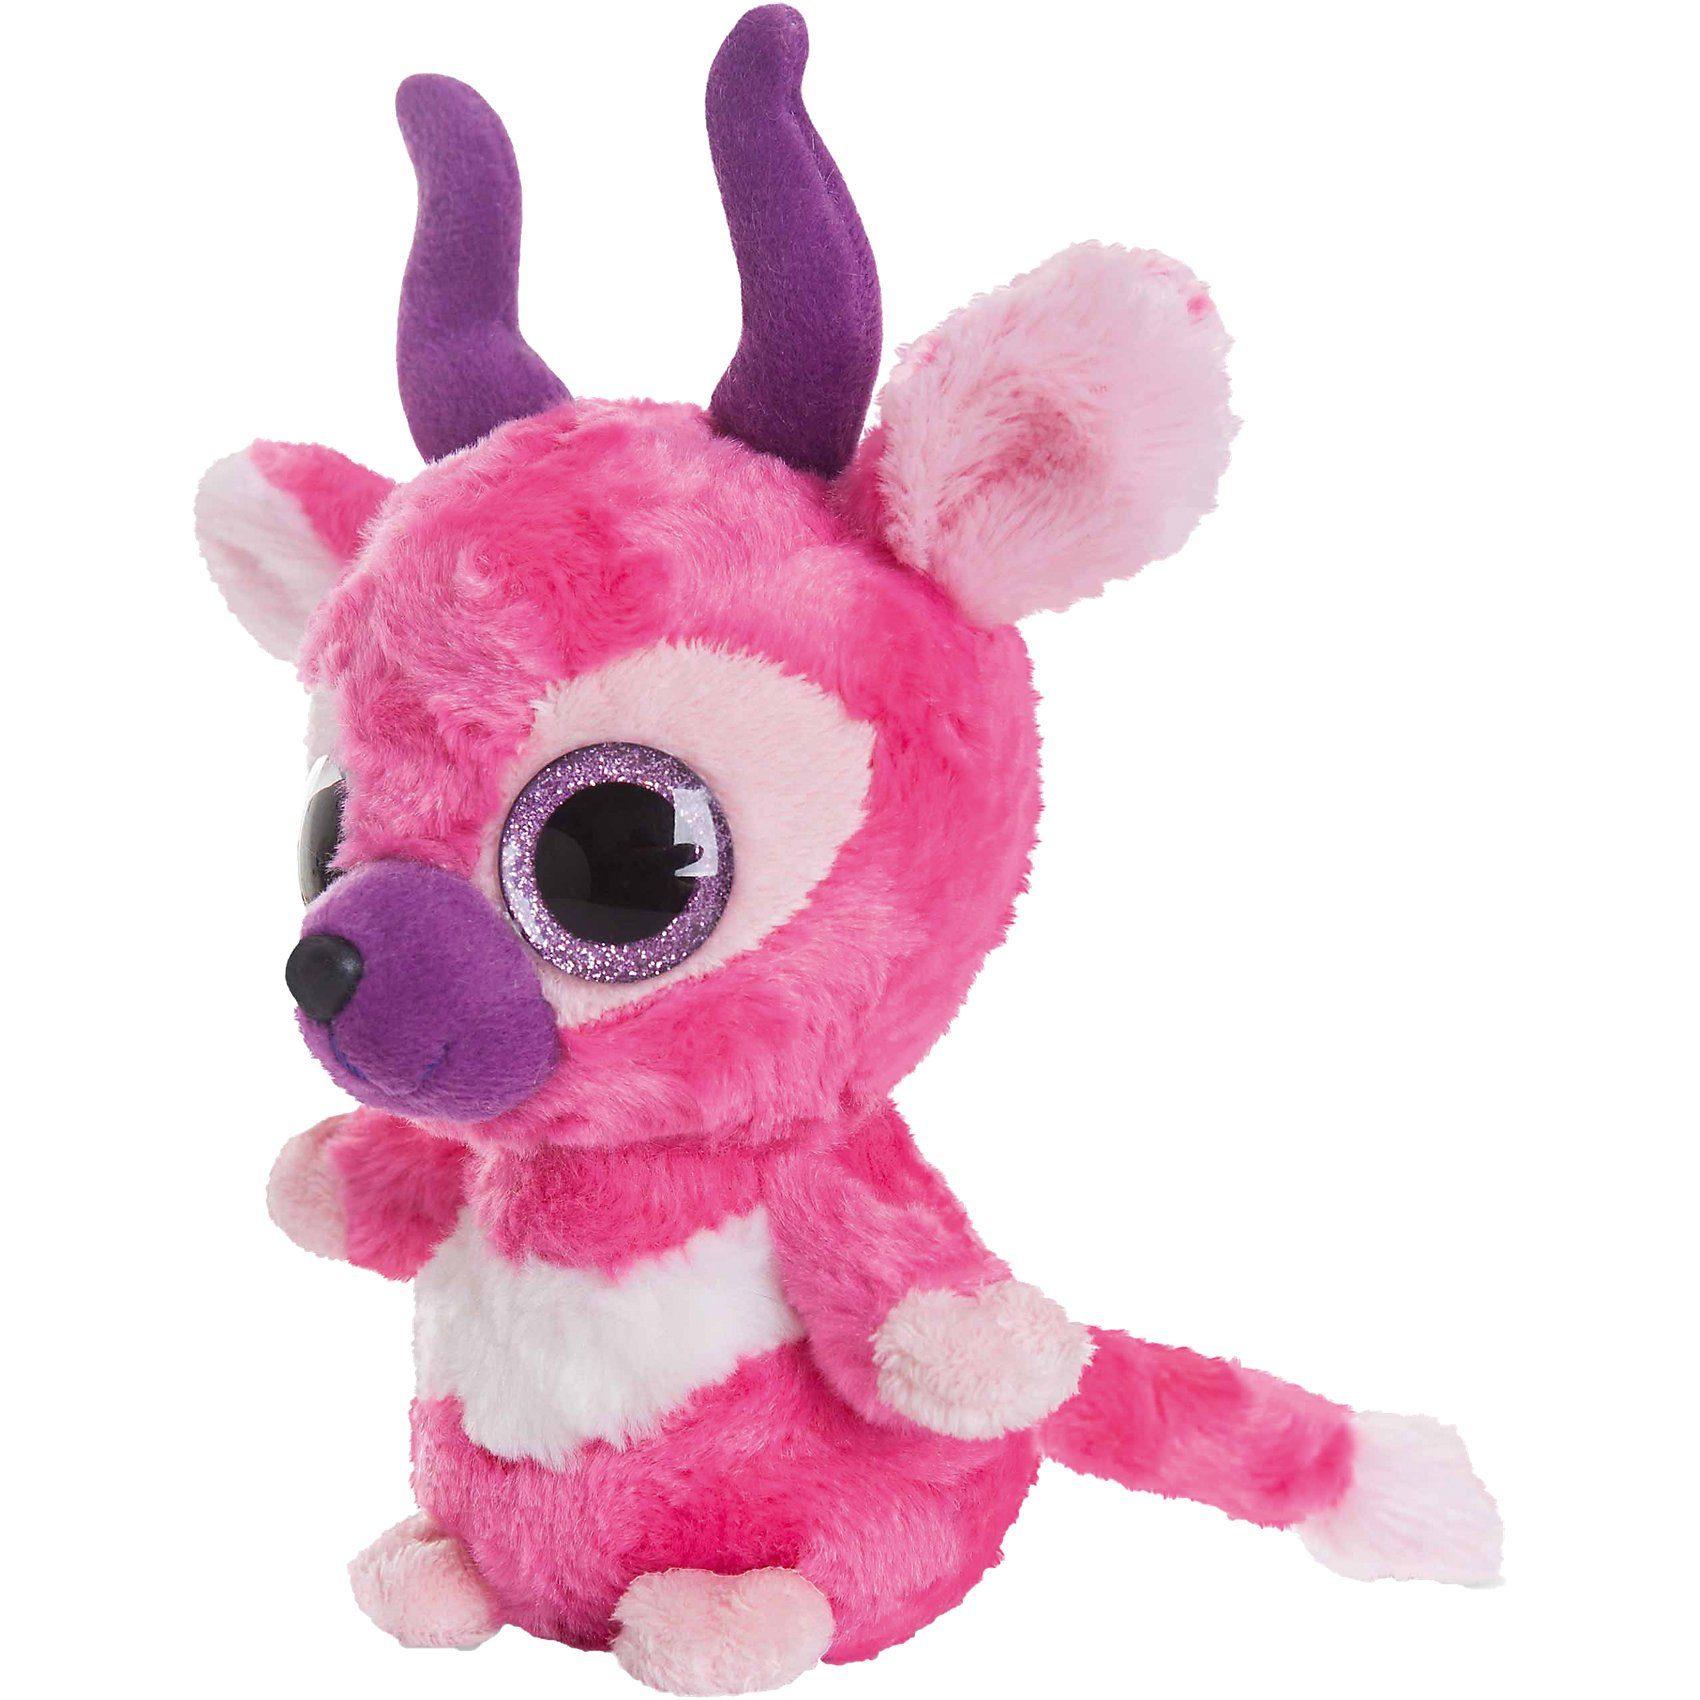 YooHoo & Friends Bongoo Antilope, 12 cm